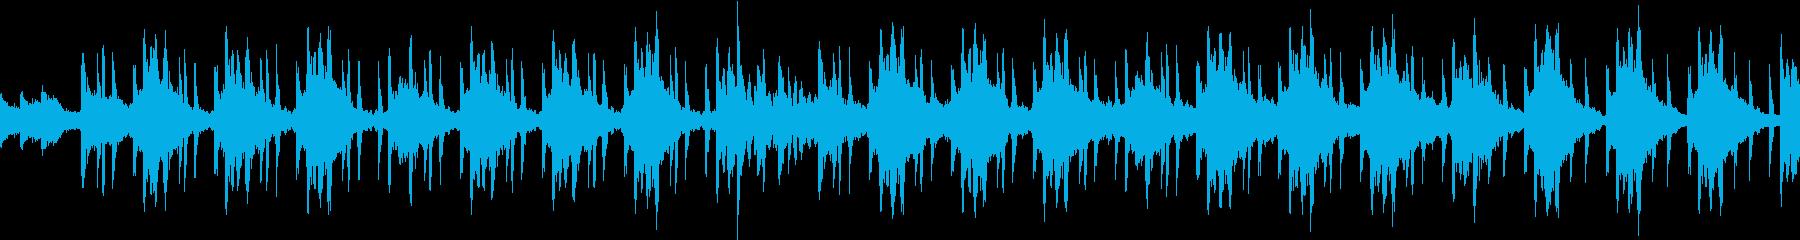 大人の雰囲気漂うlofiループインストの再生済みの波形